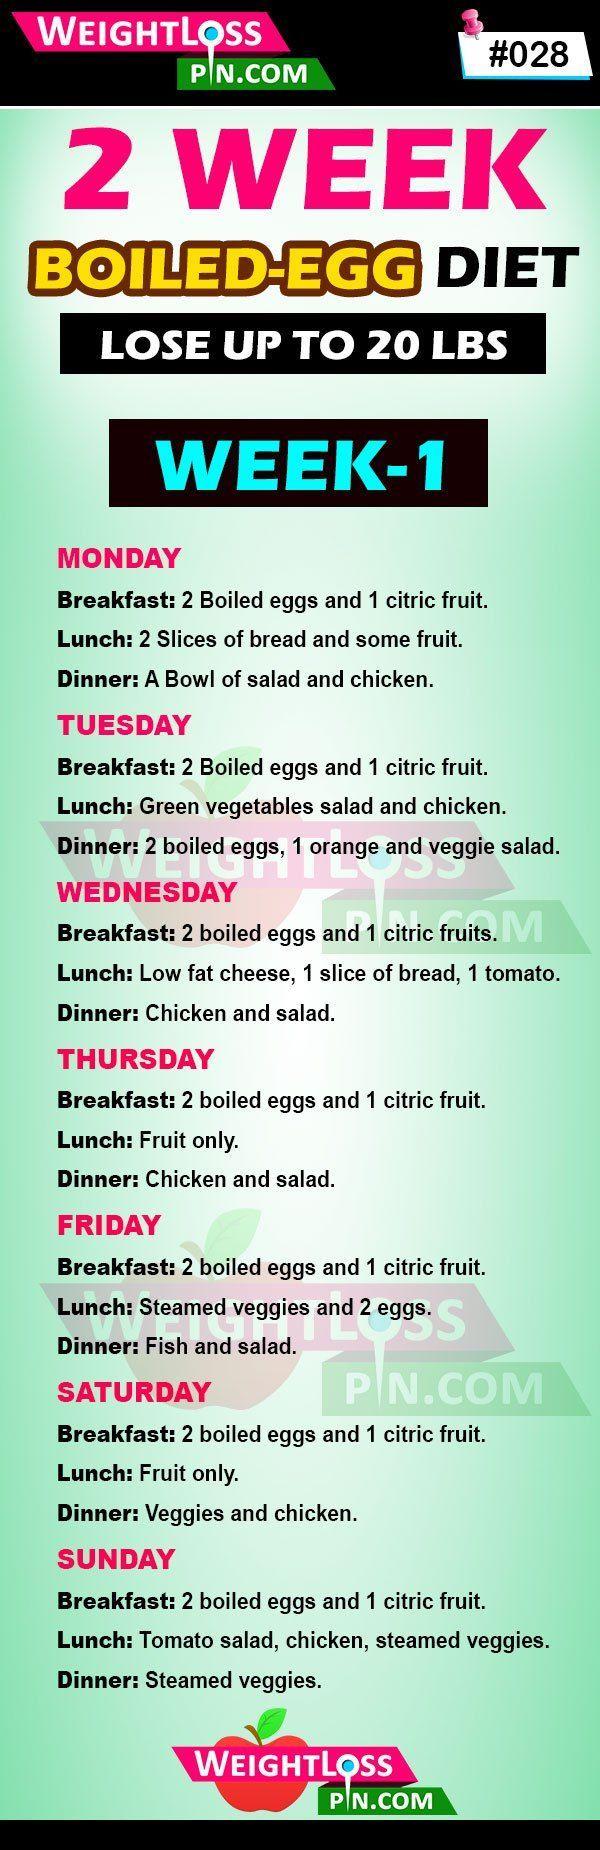 pierdere în greutate sw prima săptămână)